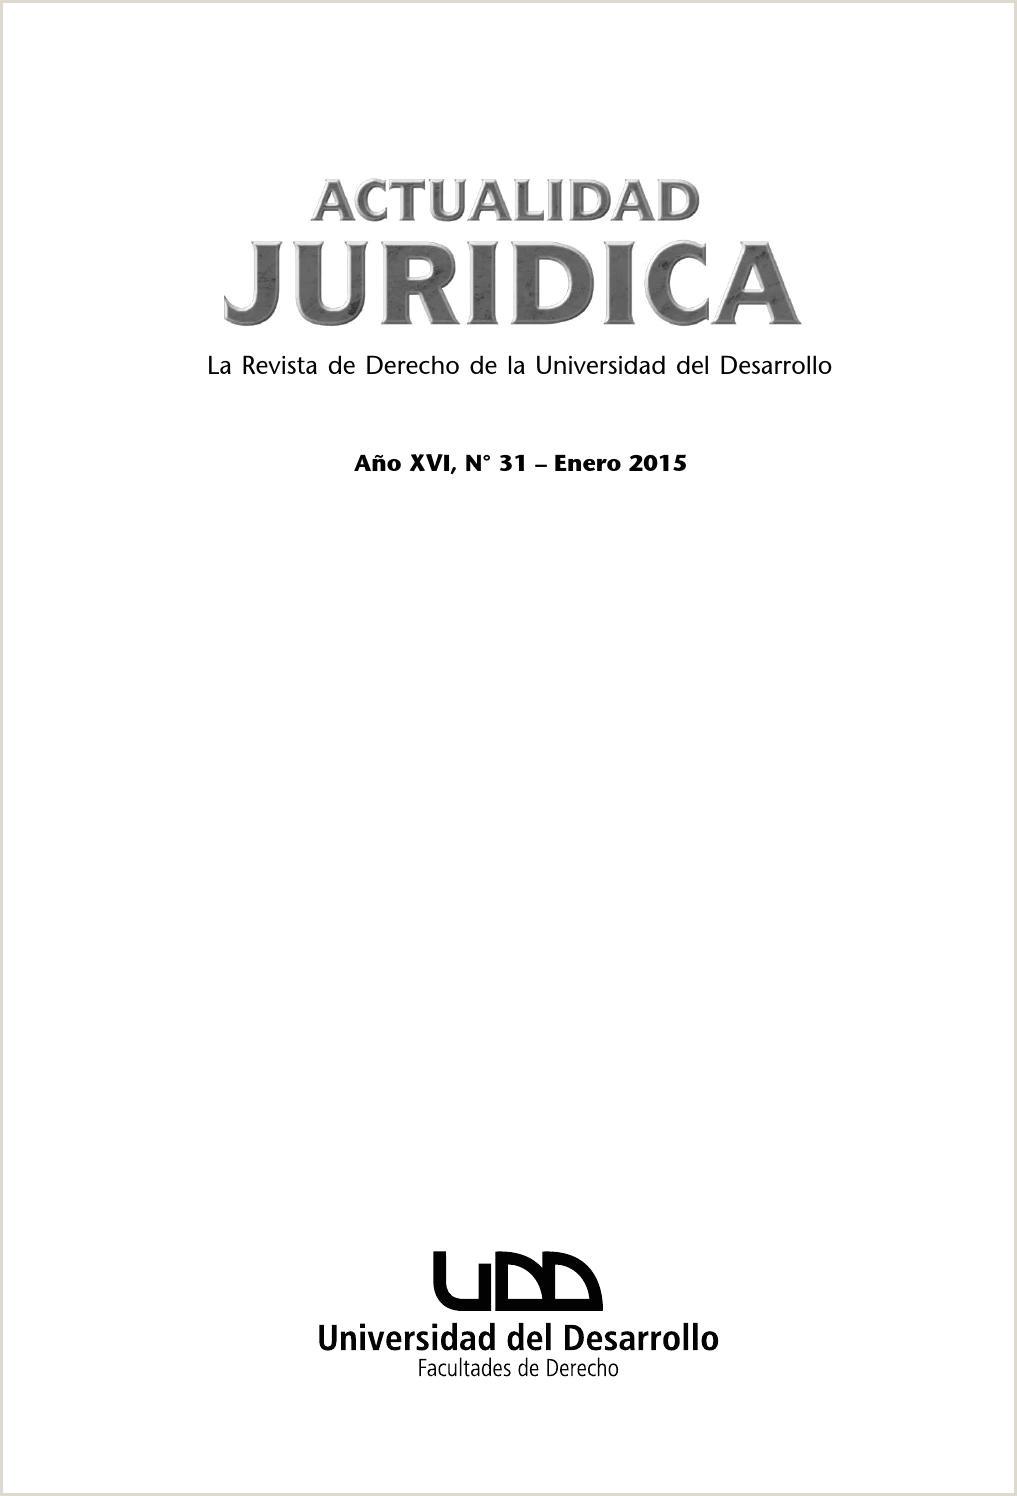 Revista Actualidad juridica nº 31 by Universidad del